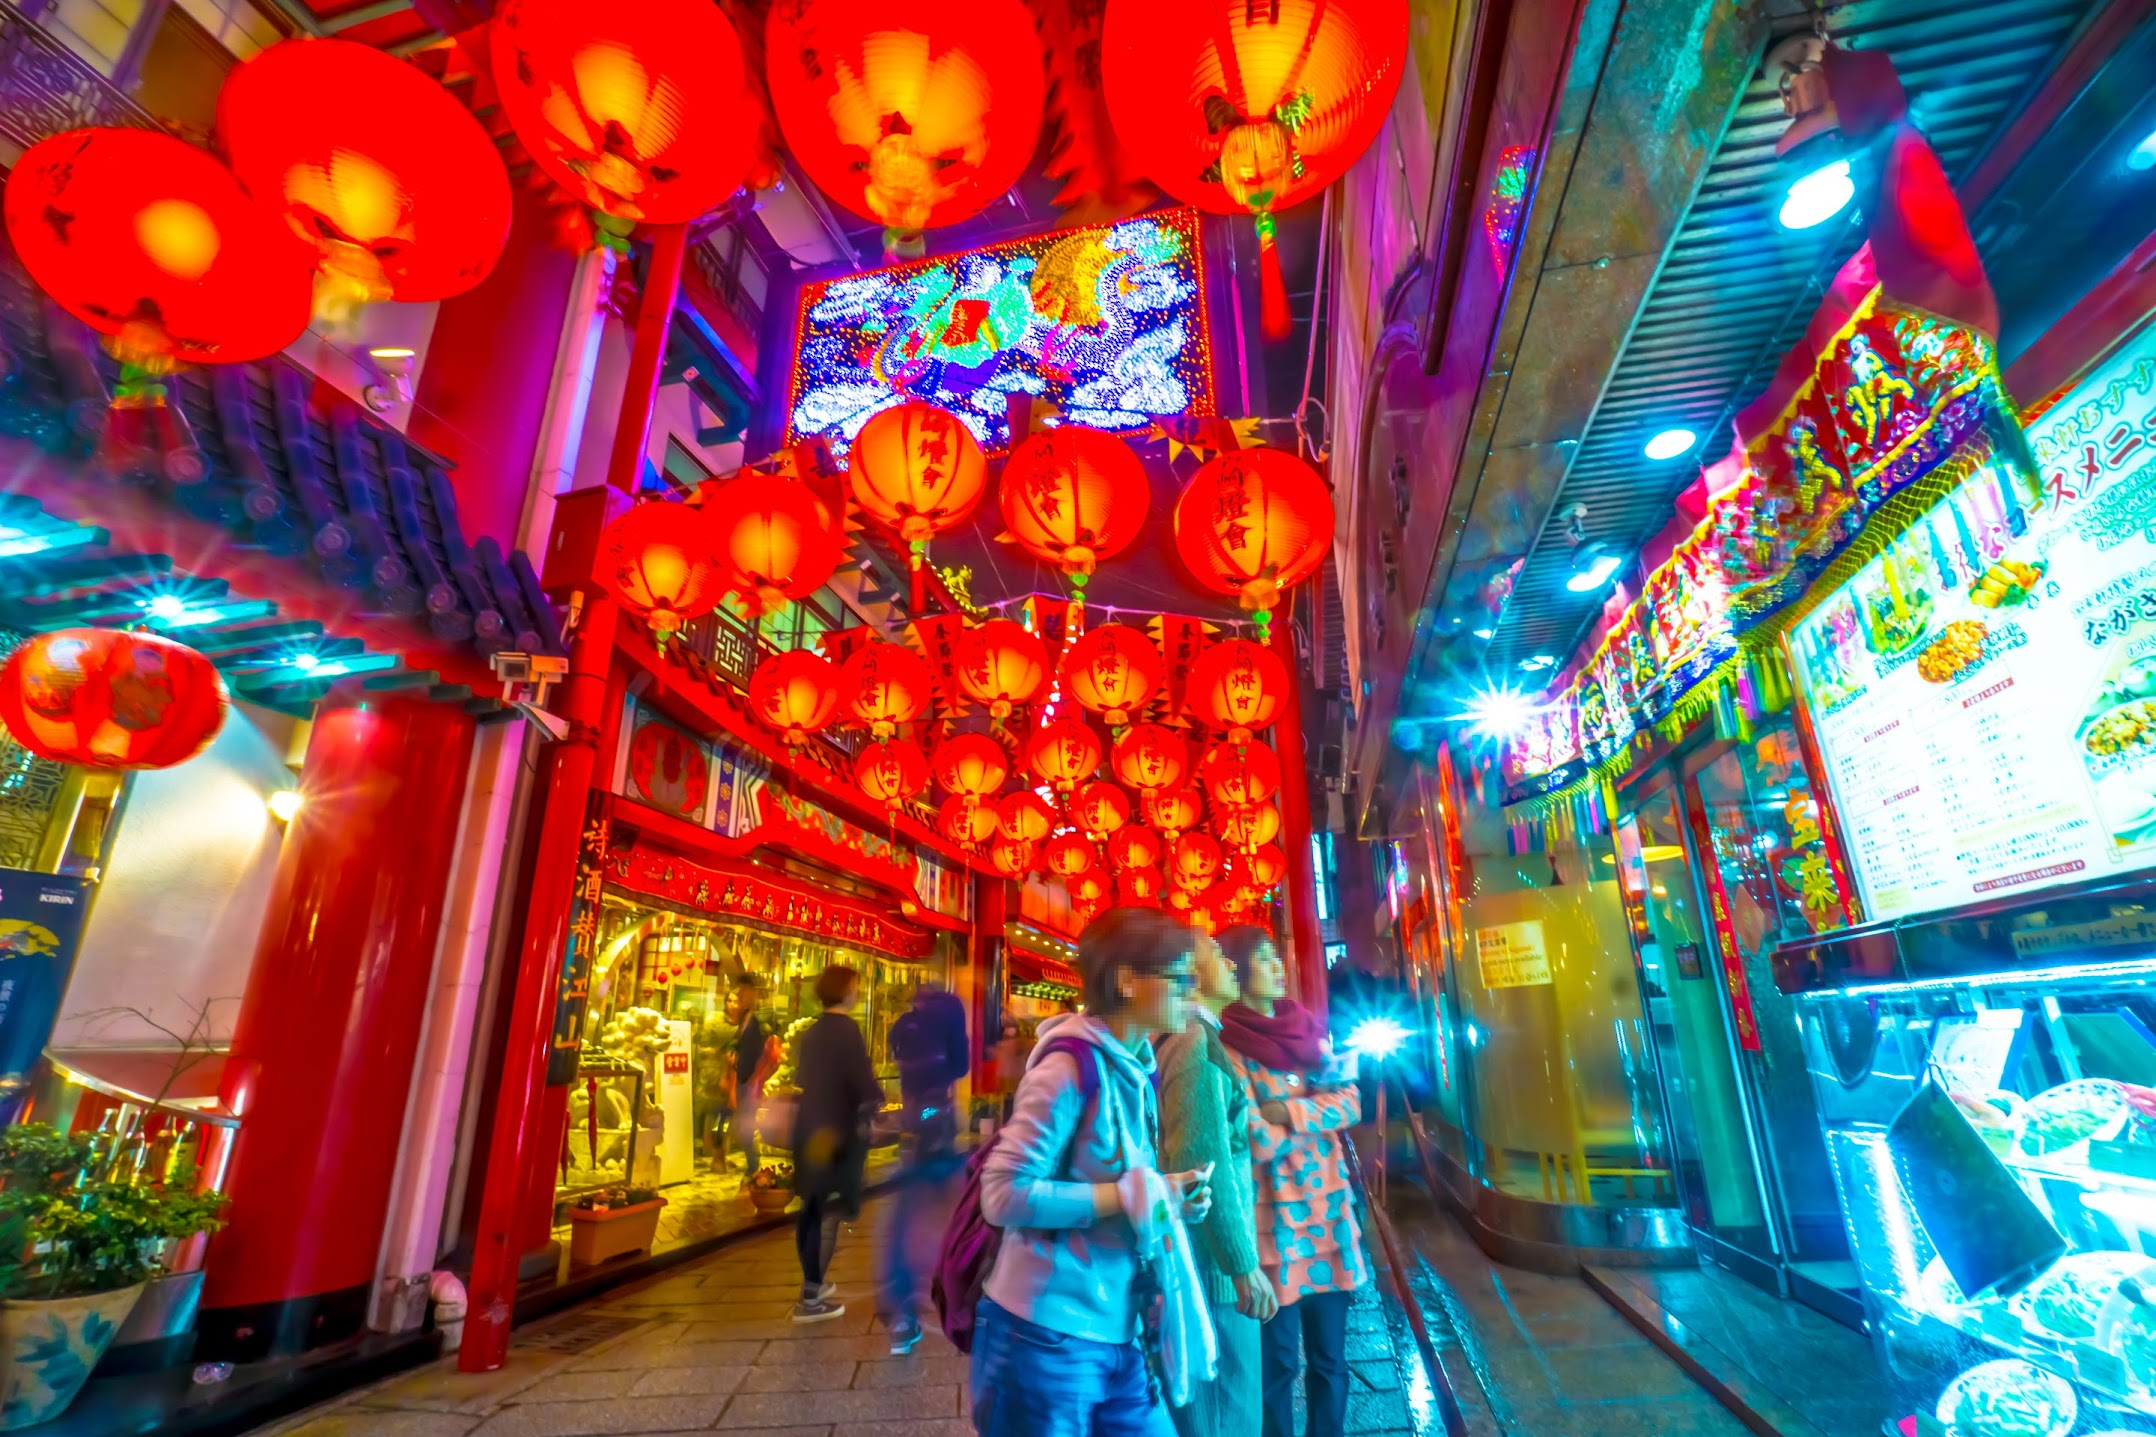 長崎ランタンフェスティバル 中華街2